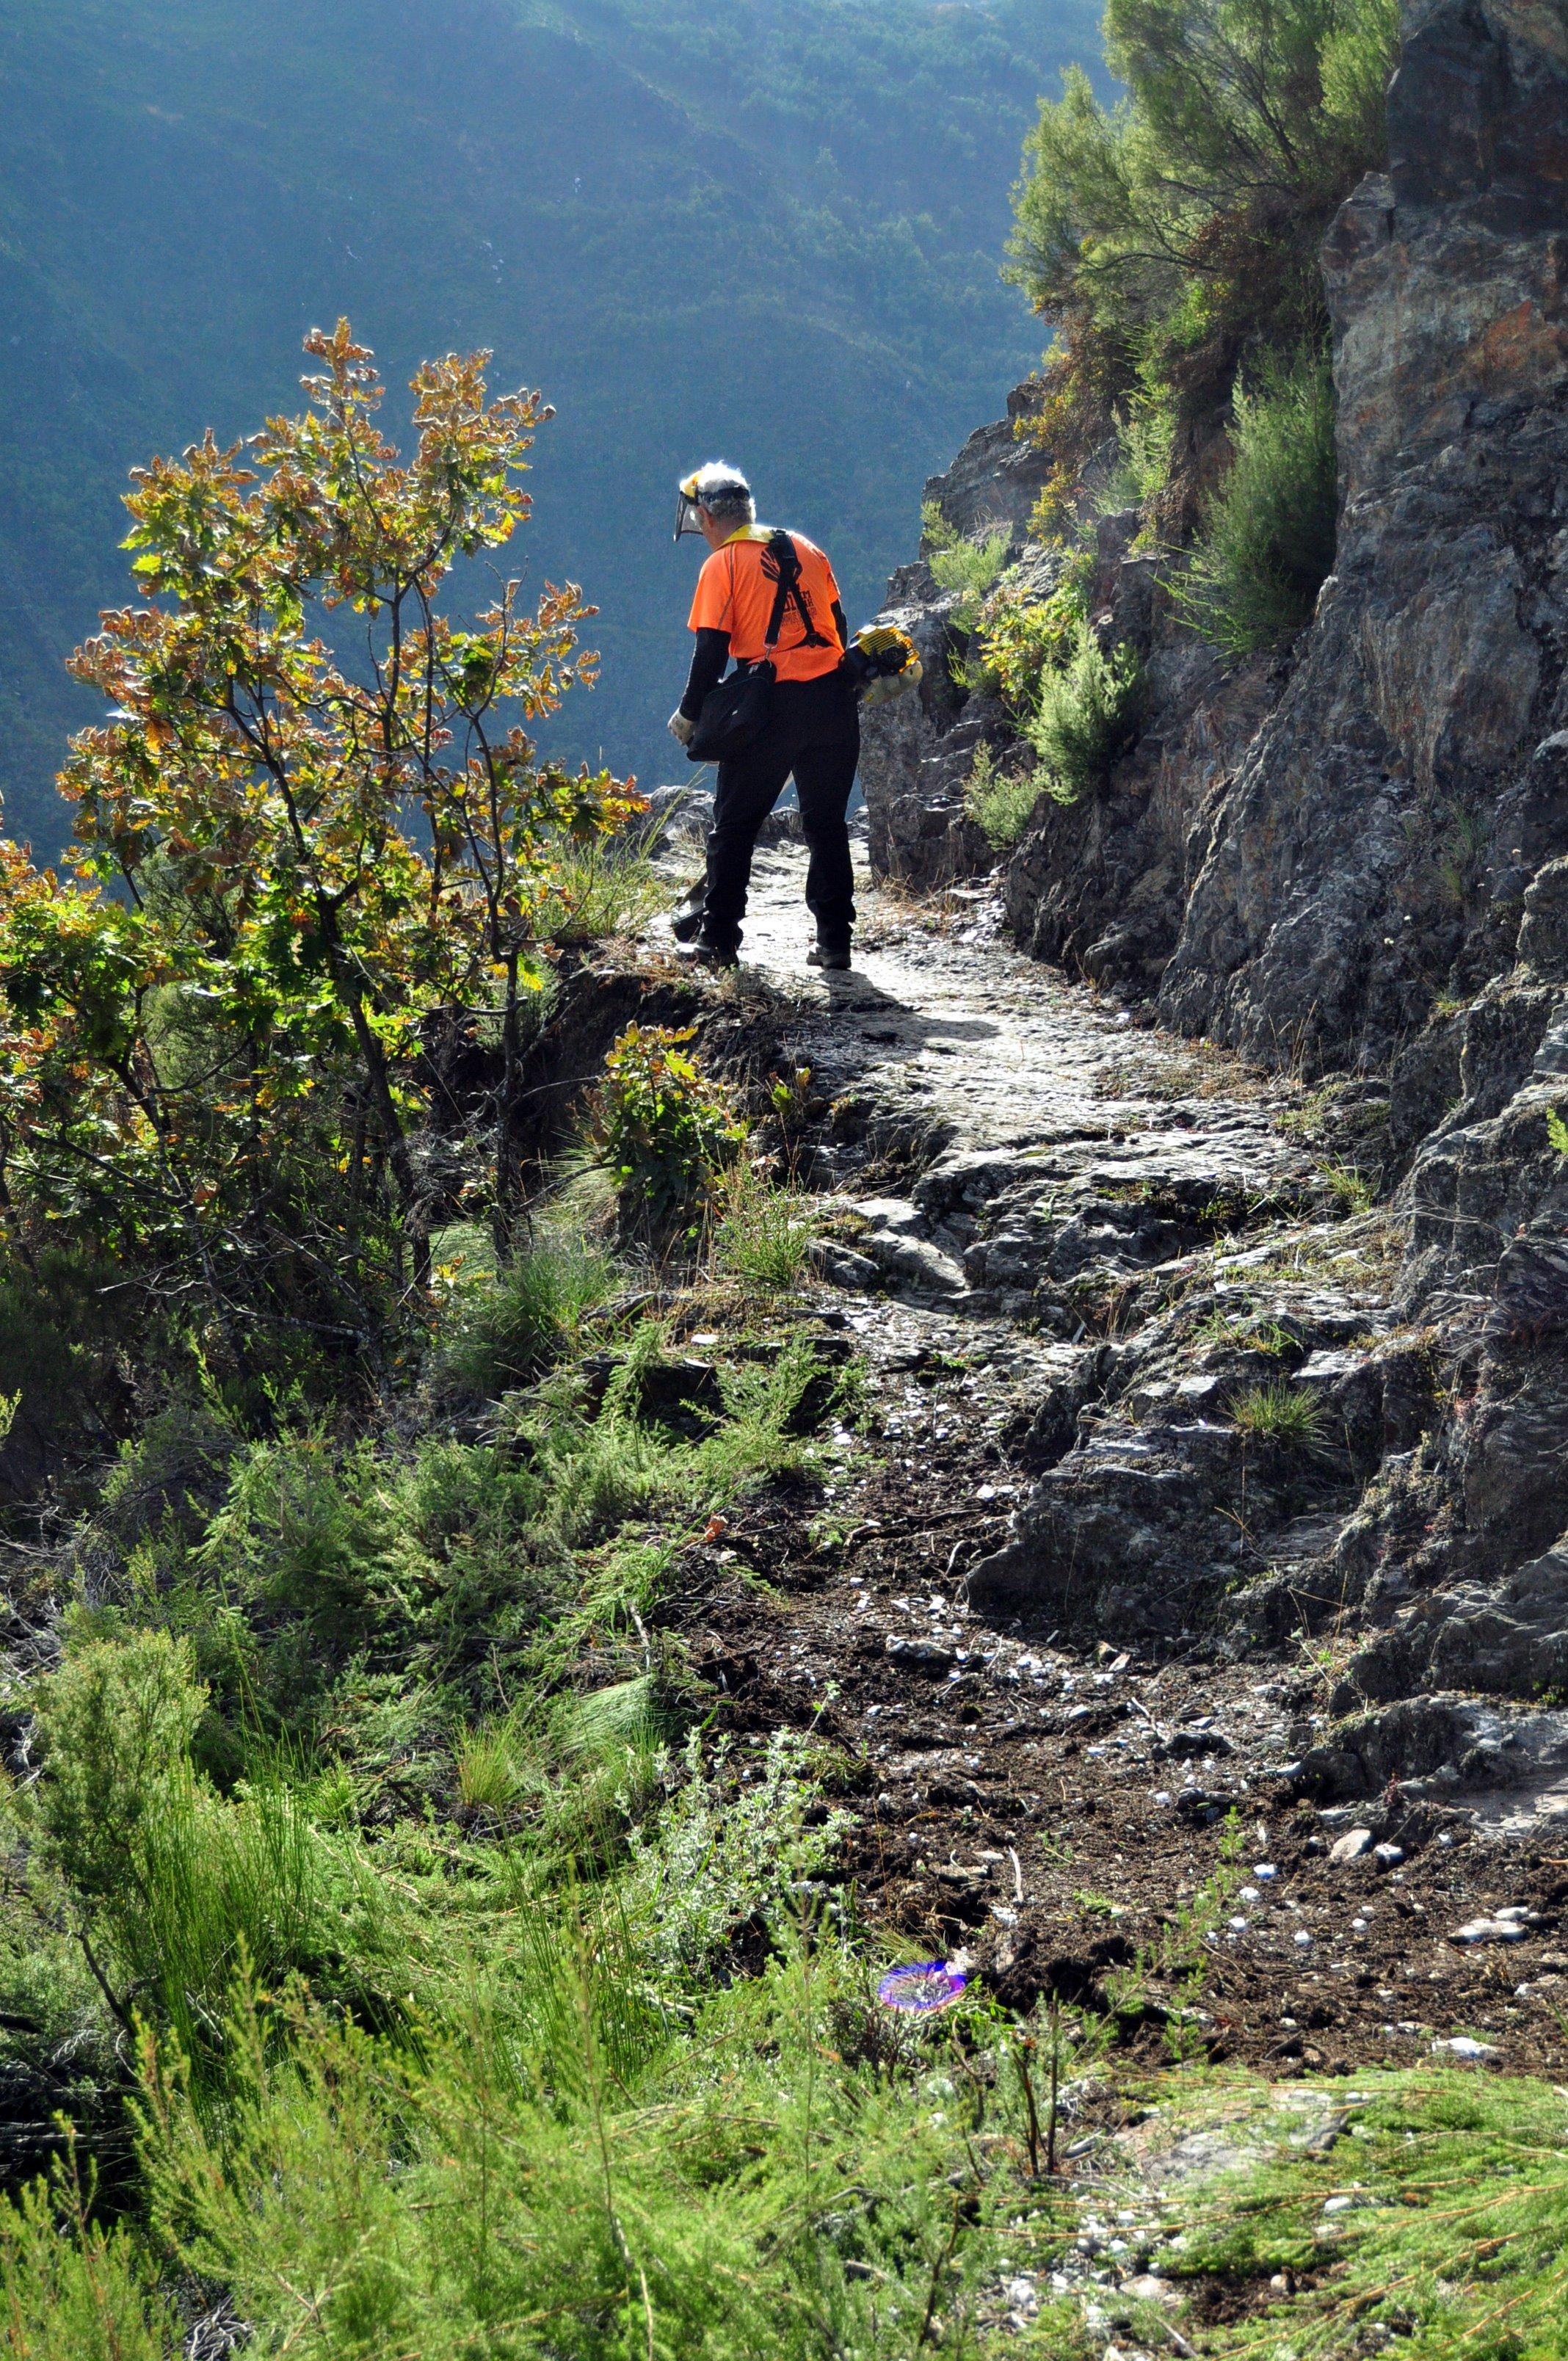 Valle de Río Guío. Tramo de canal en roca